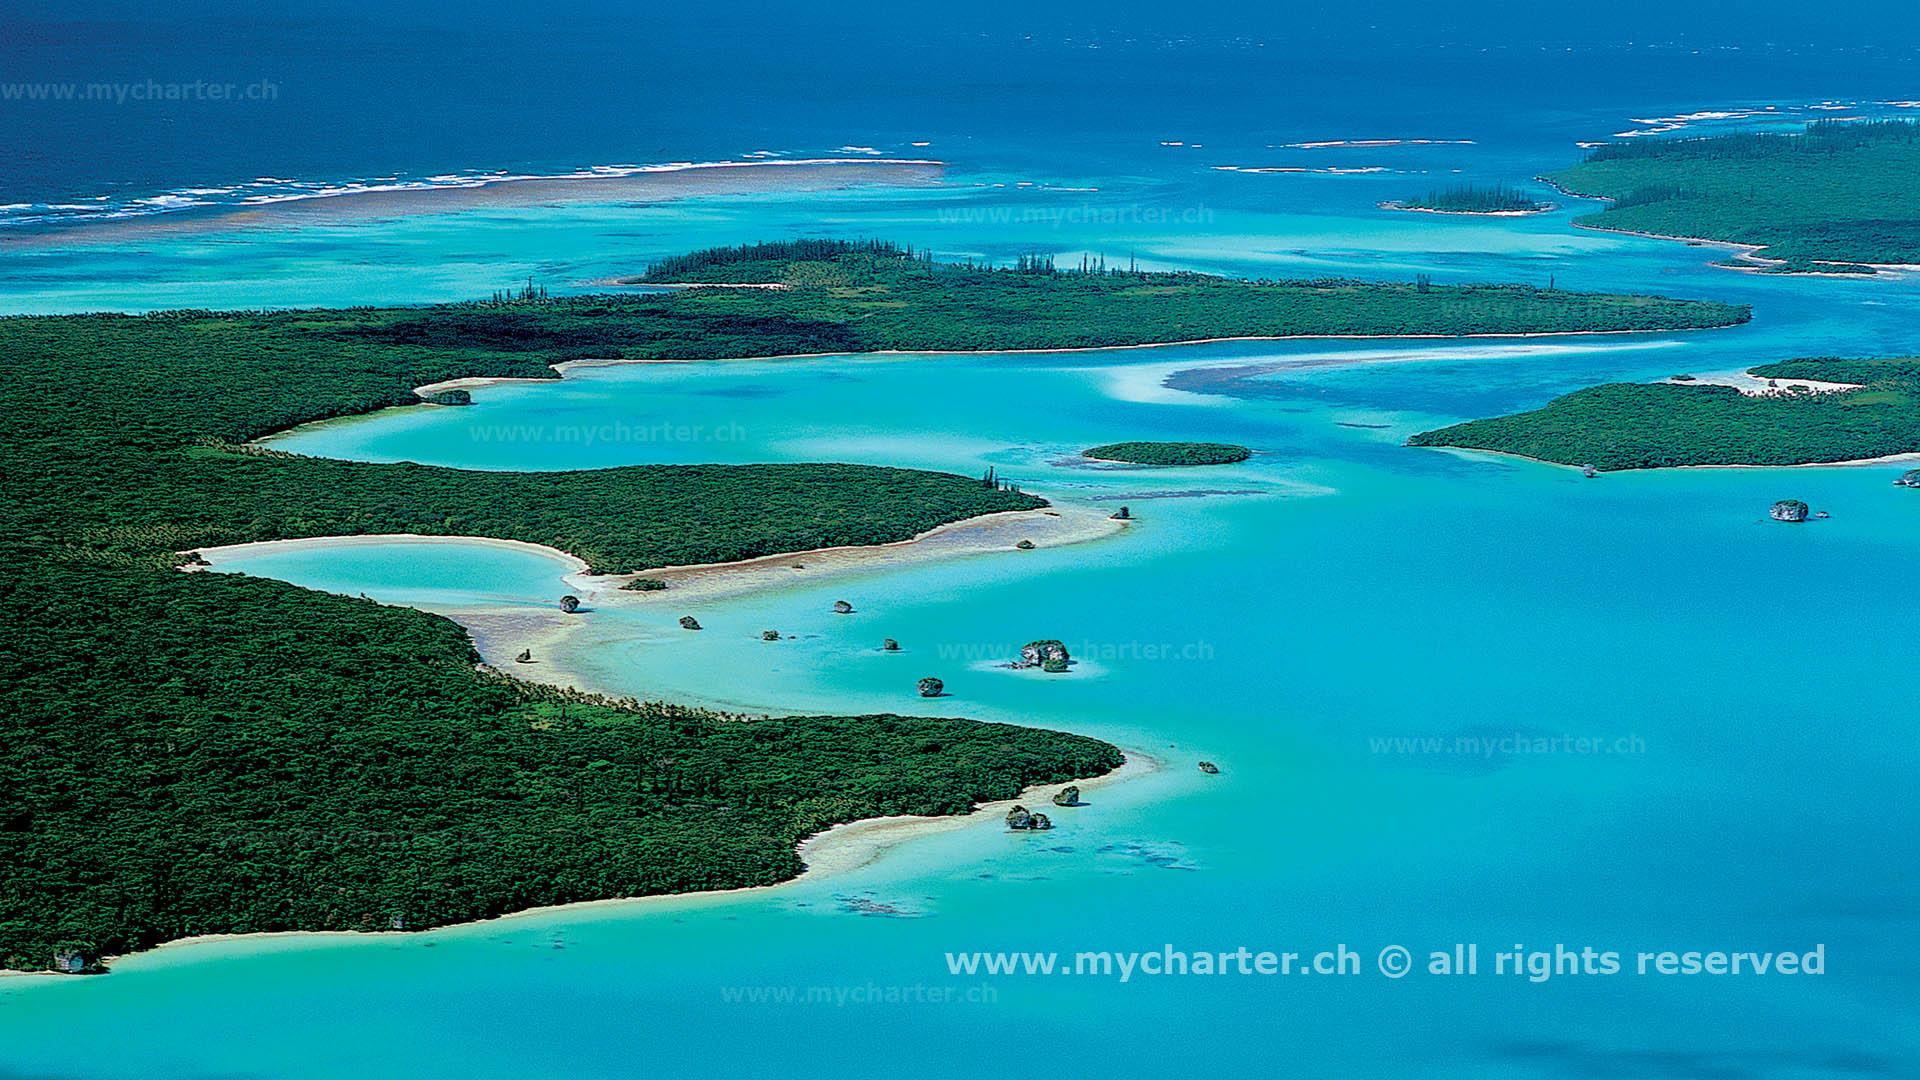 Segeln Neukaledonien - Iles des Pins